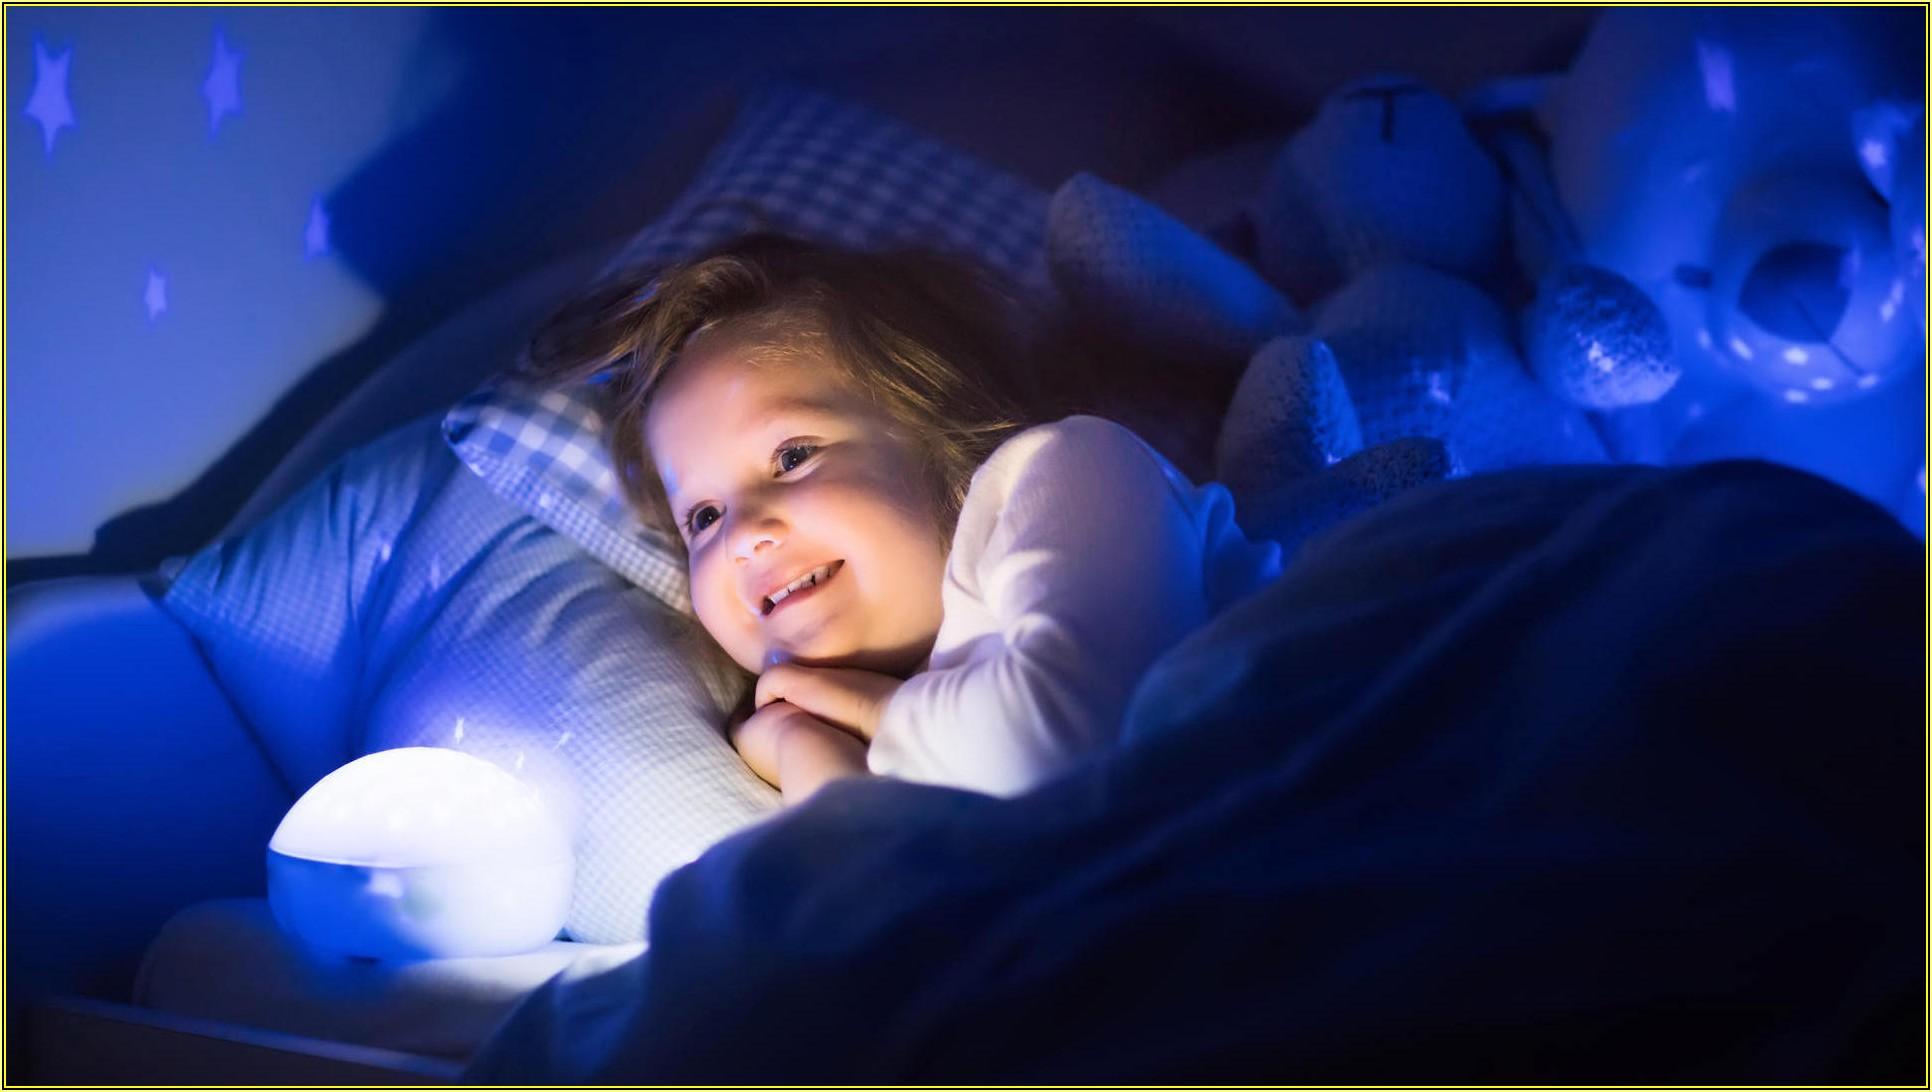 Nachtlicht Für Kinderzimmer Steckdose Test